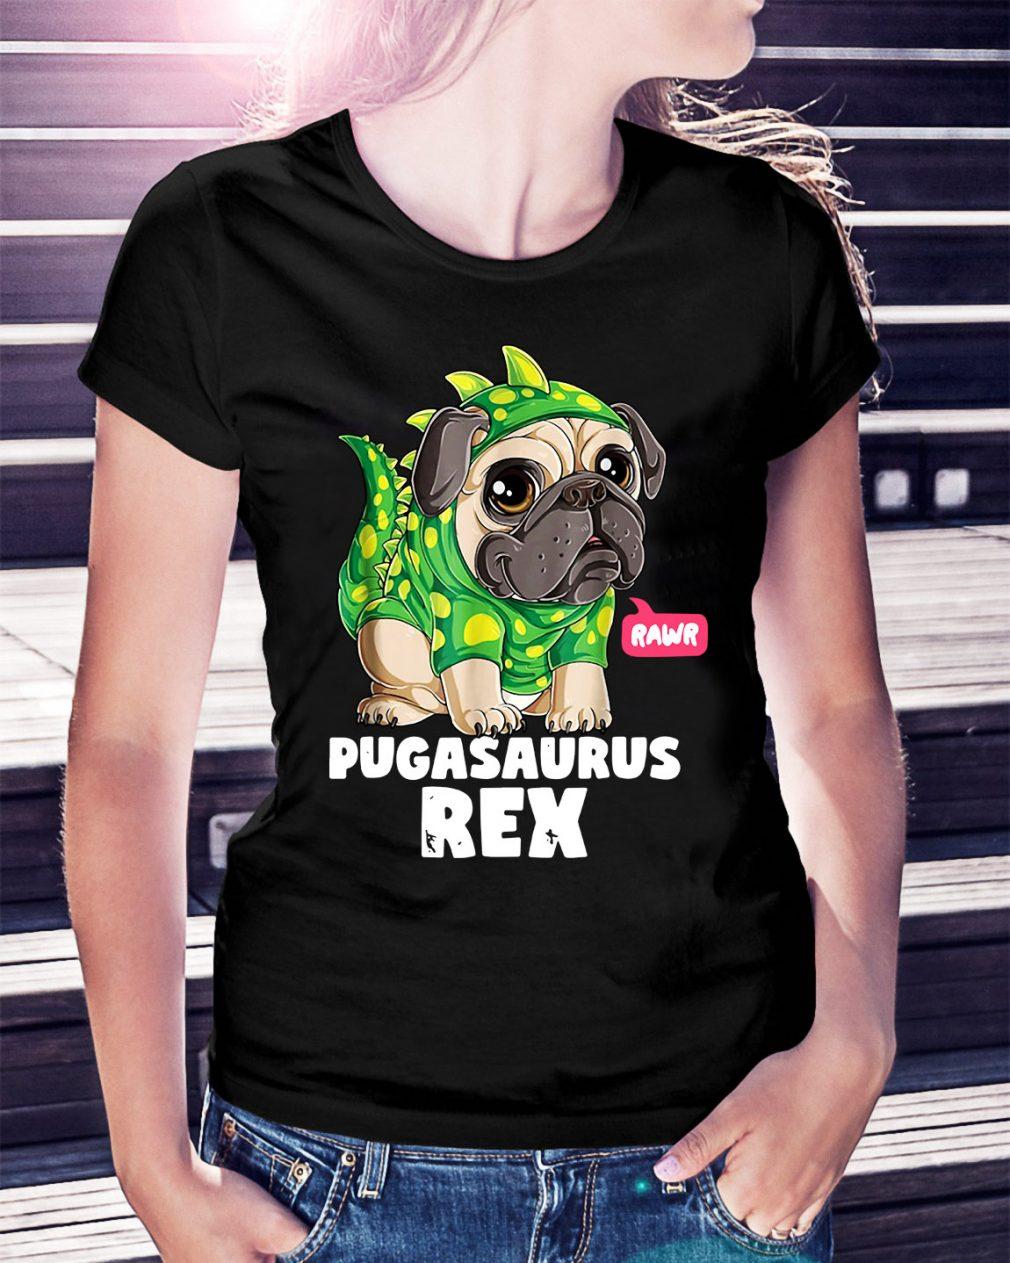 Rawr Pugasaurus Rex Ladies Tee